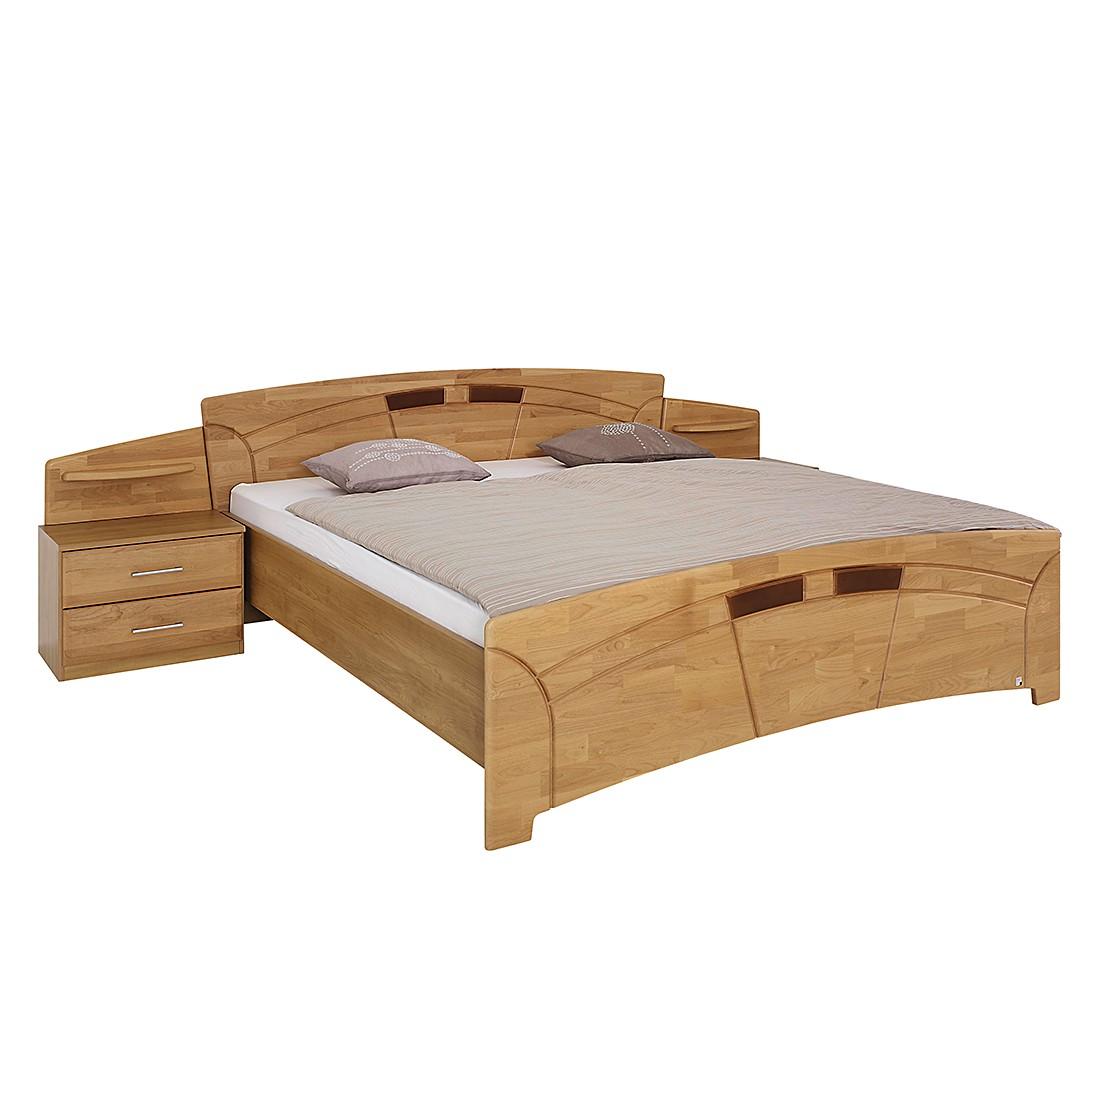 goedkoop Bed met nachtkastjes Sarah I deels massief elzenhout gelakt ligoppervlak: 200x200cm Rauch Steffen